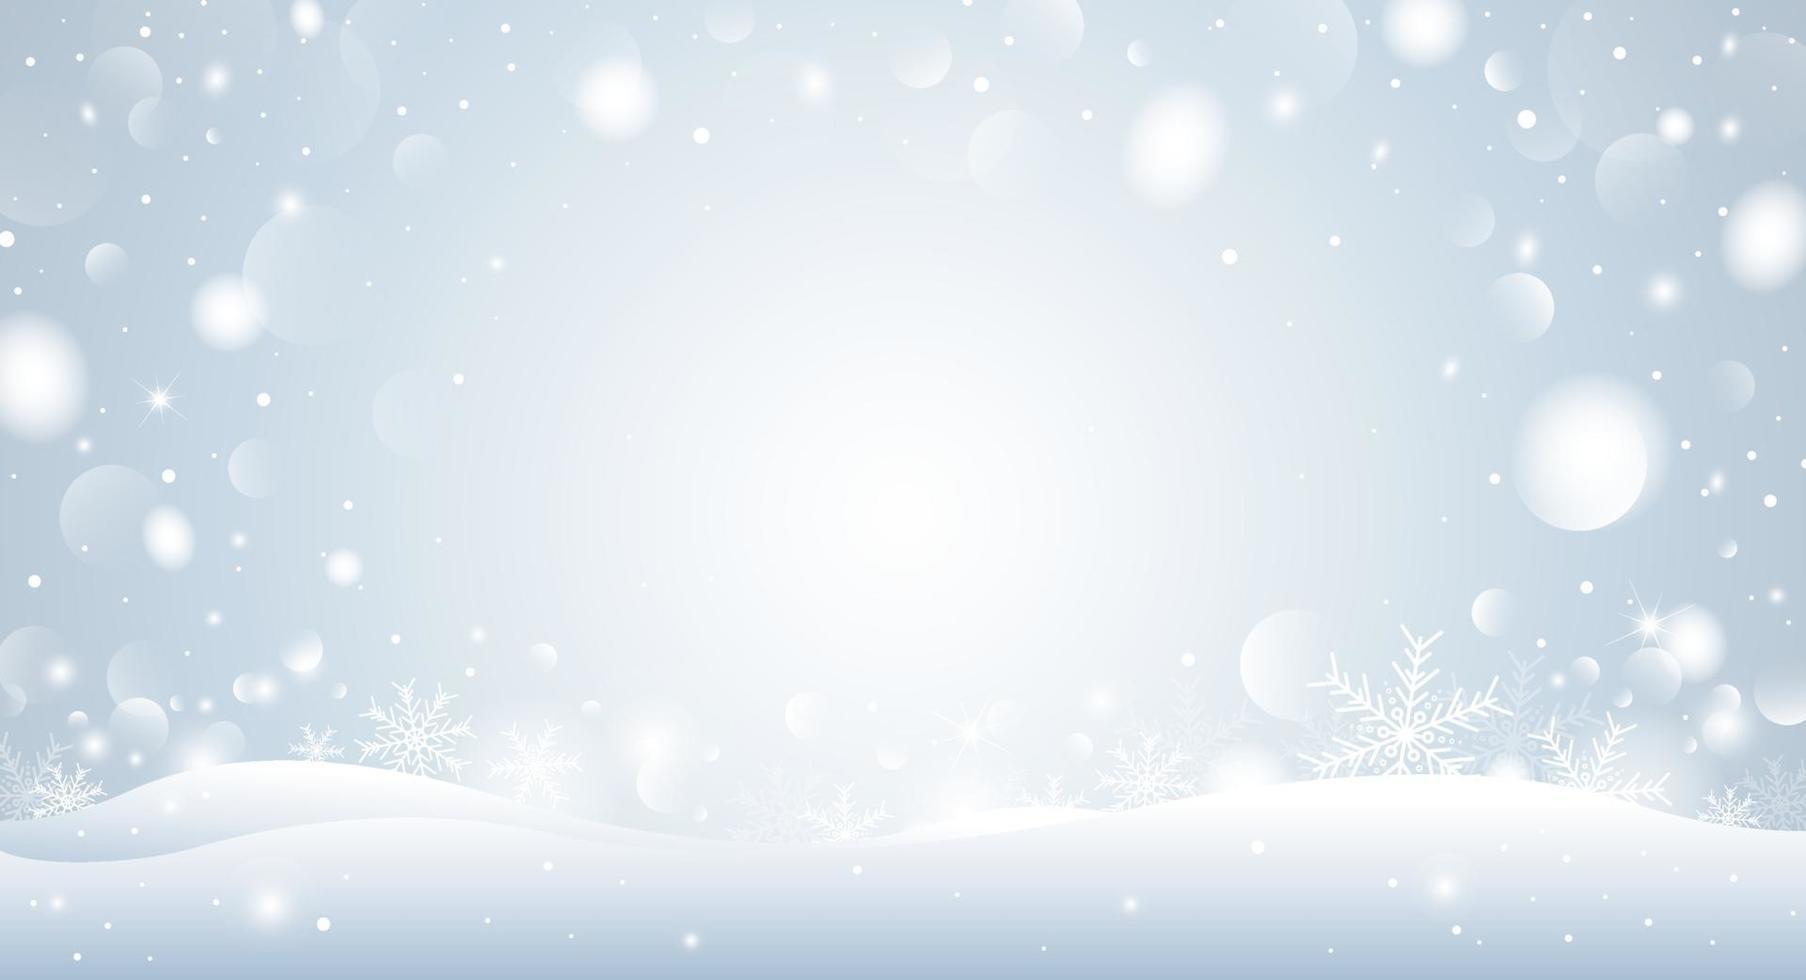 Weihnachtshintergrundkonzeptentwurf der weißen Schneeflocke und des Bokeh in der Wintervektorillustration vektor